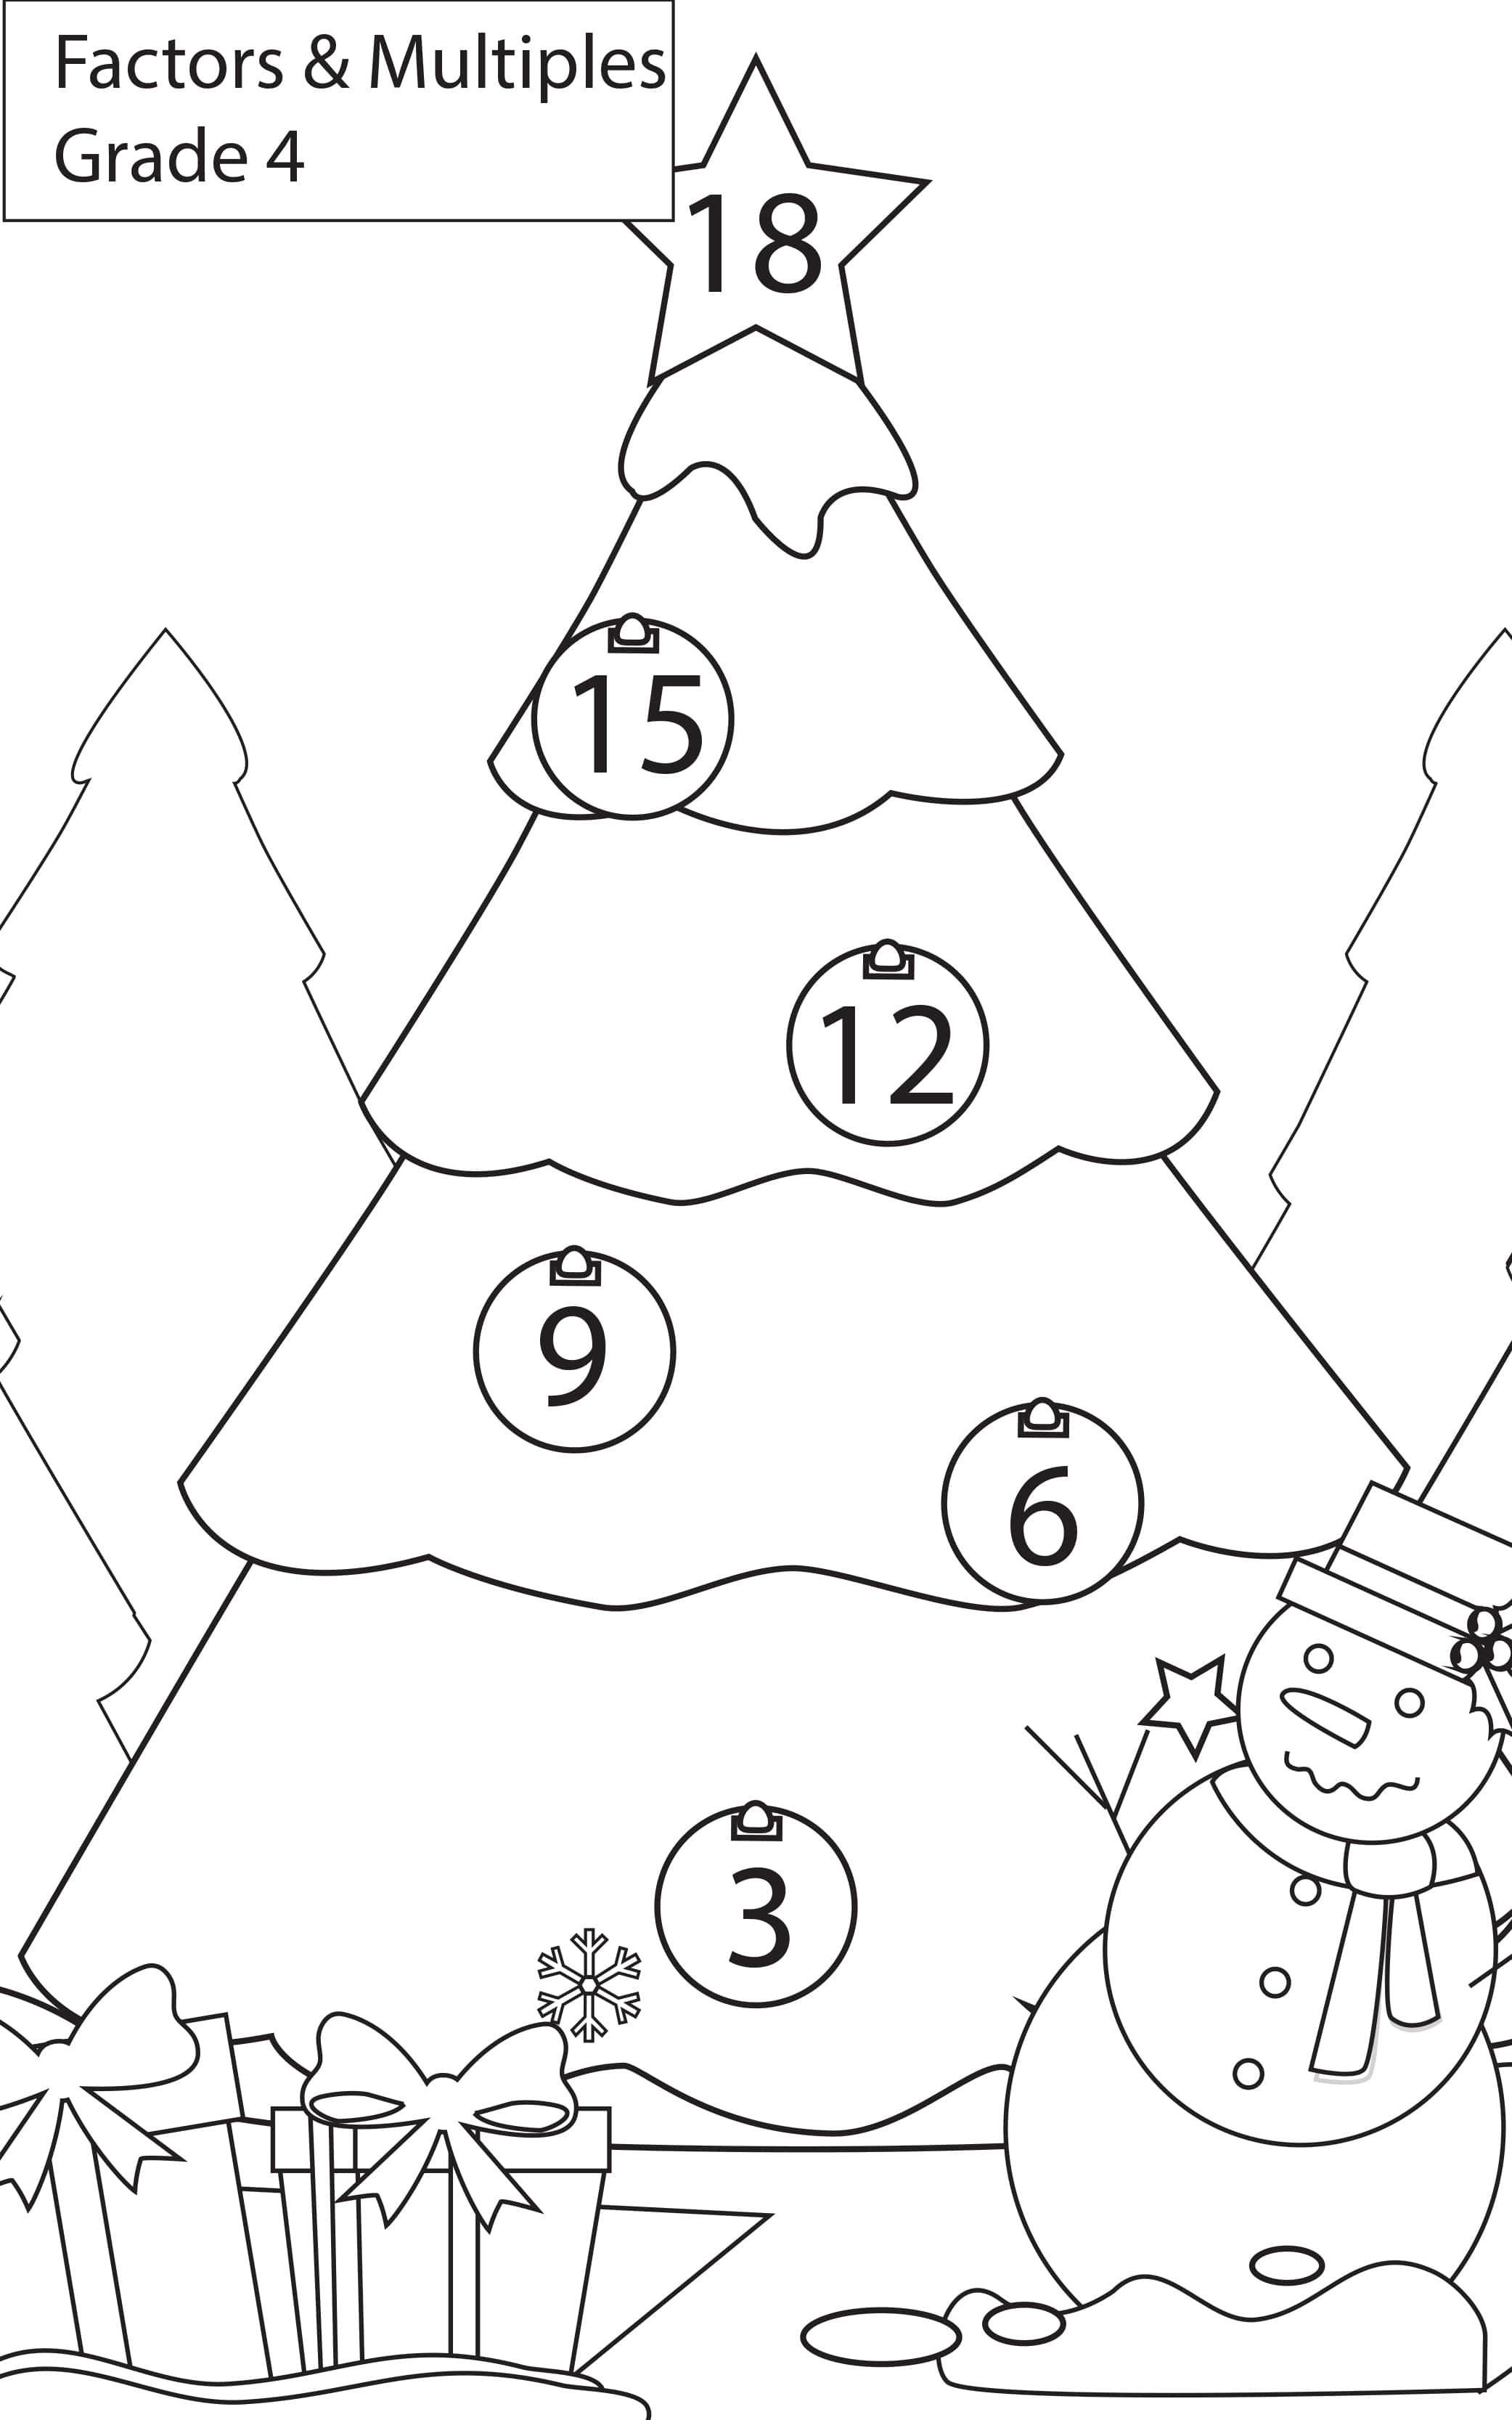 Maths Worksheets Grade 4 Factors & Multiples